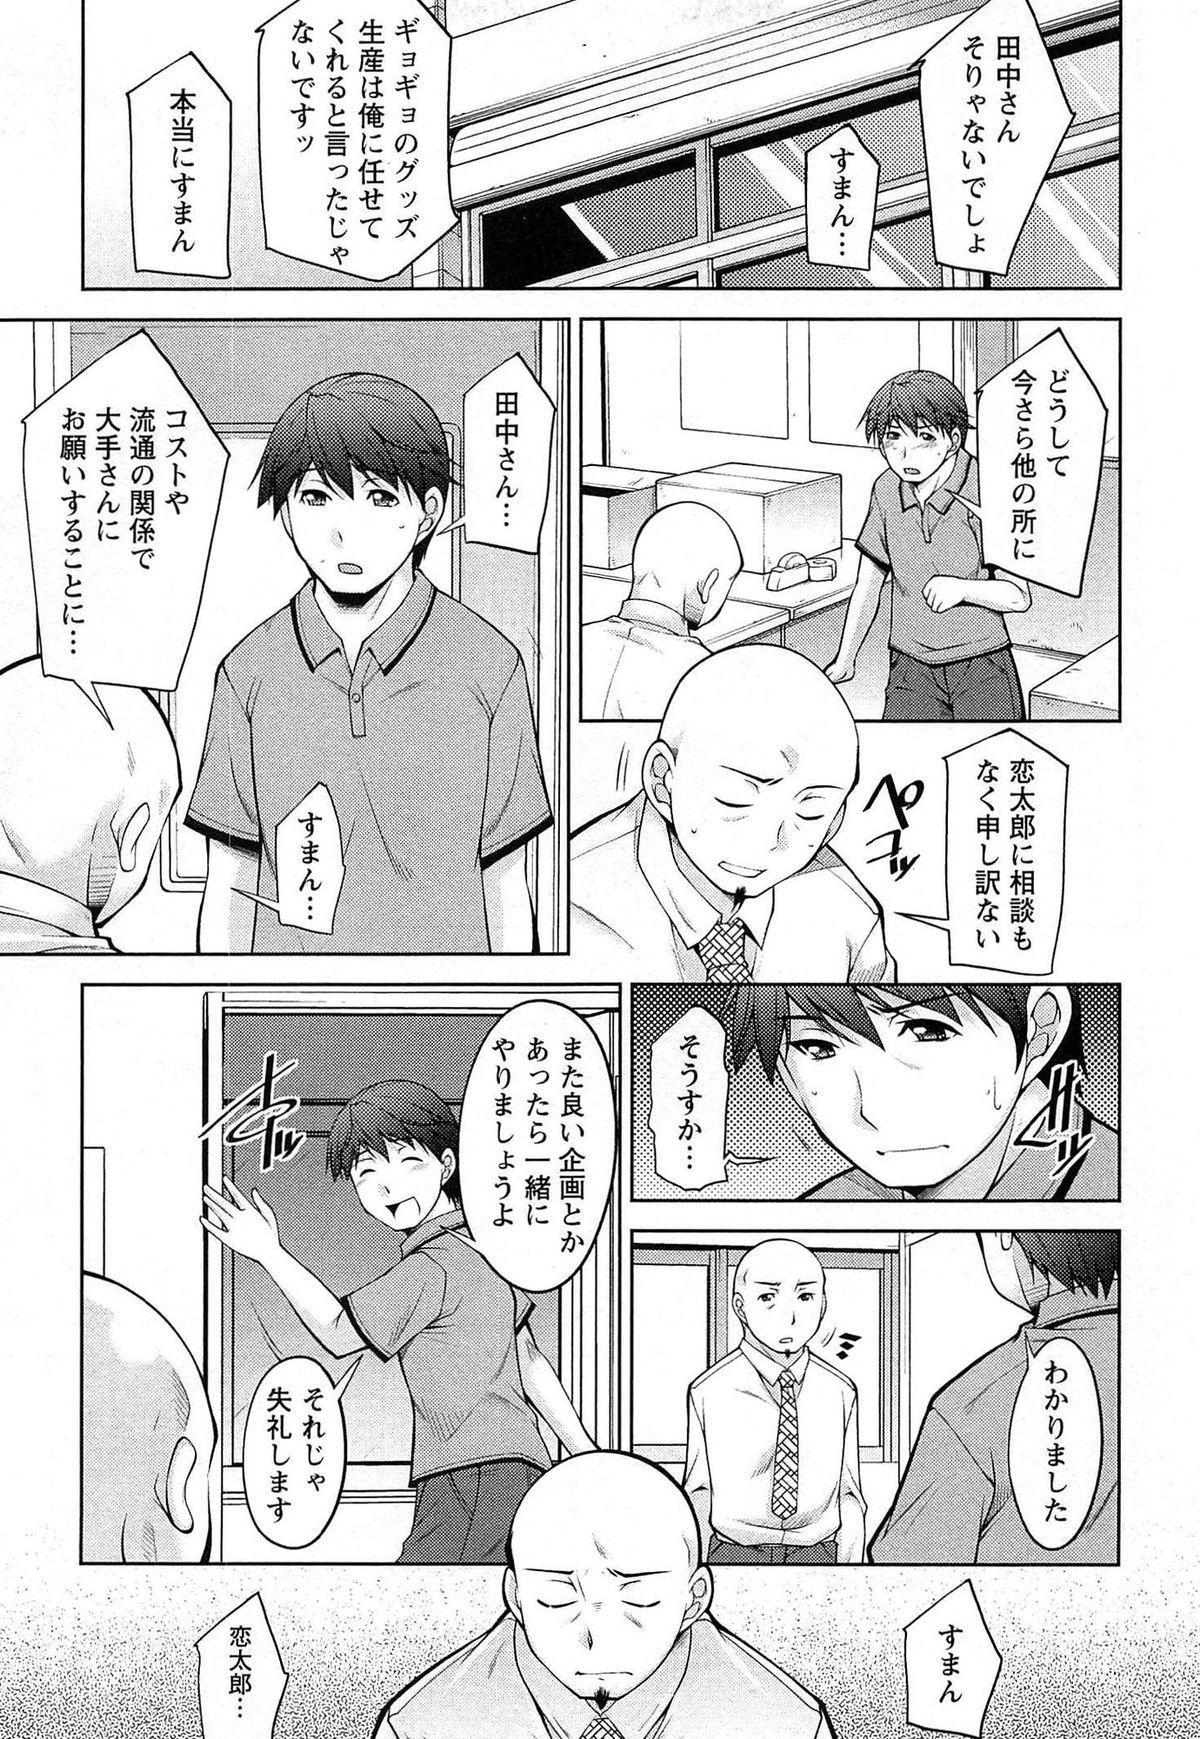 [zen9] Tsuki-wo Ai-Shite - Tsuki-ni Koi-shite 2 117